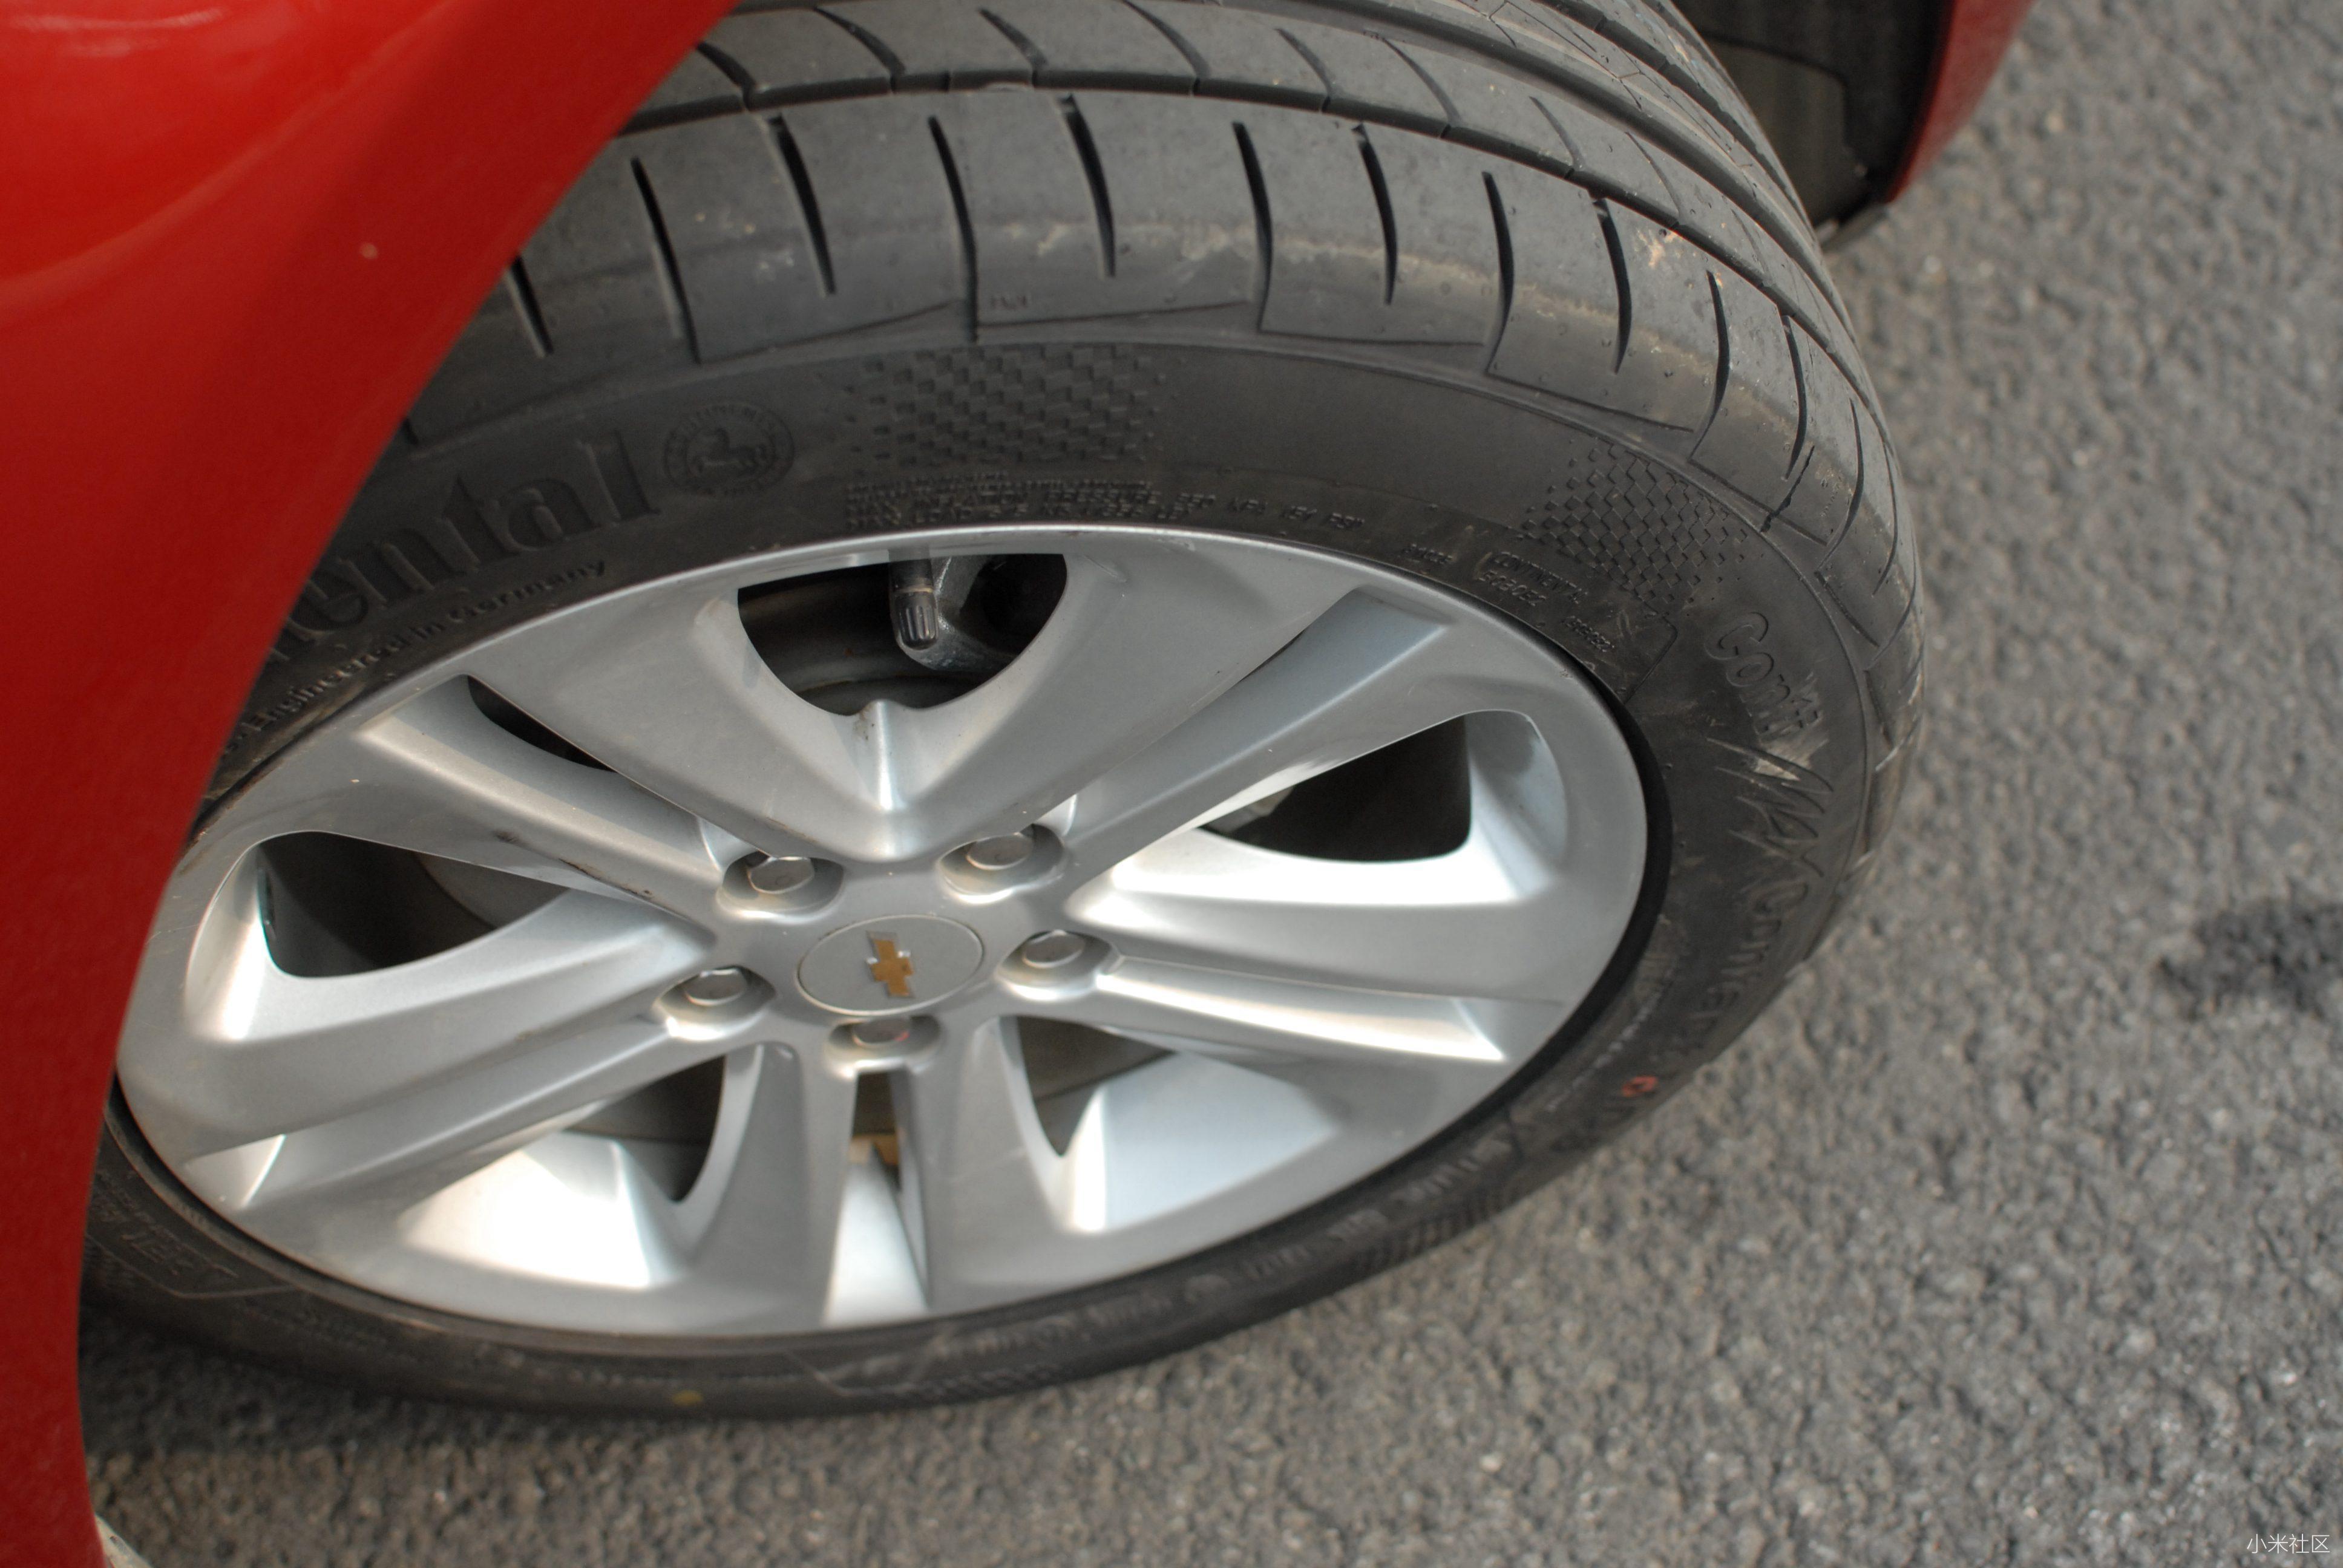 内圈彩色纹理部份是这款轮胎的静音部份处理,细小的花纹在触地时利用